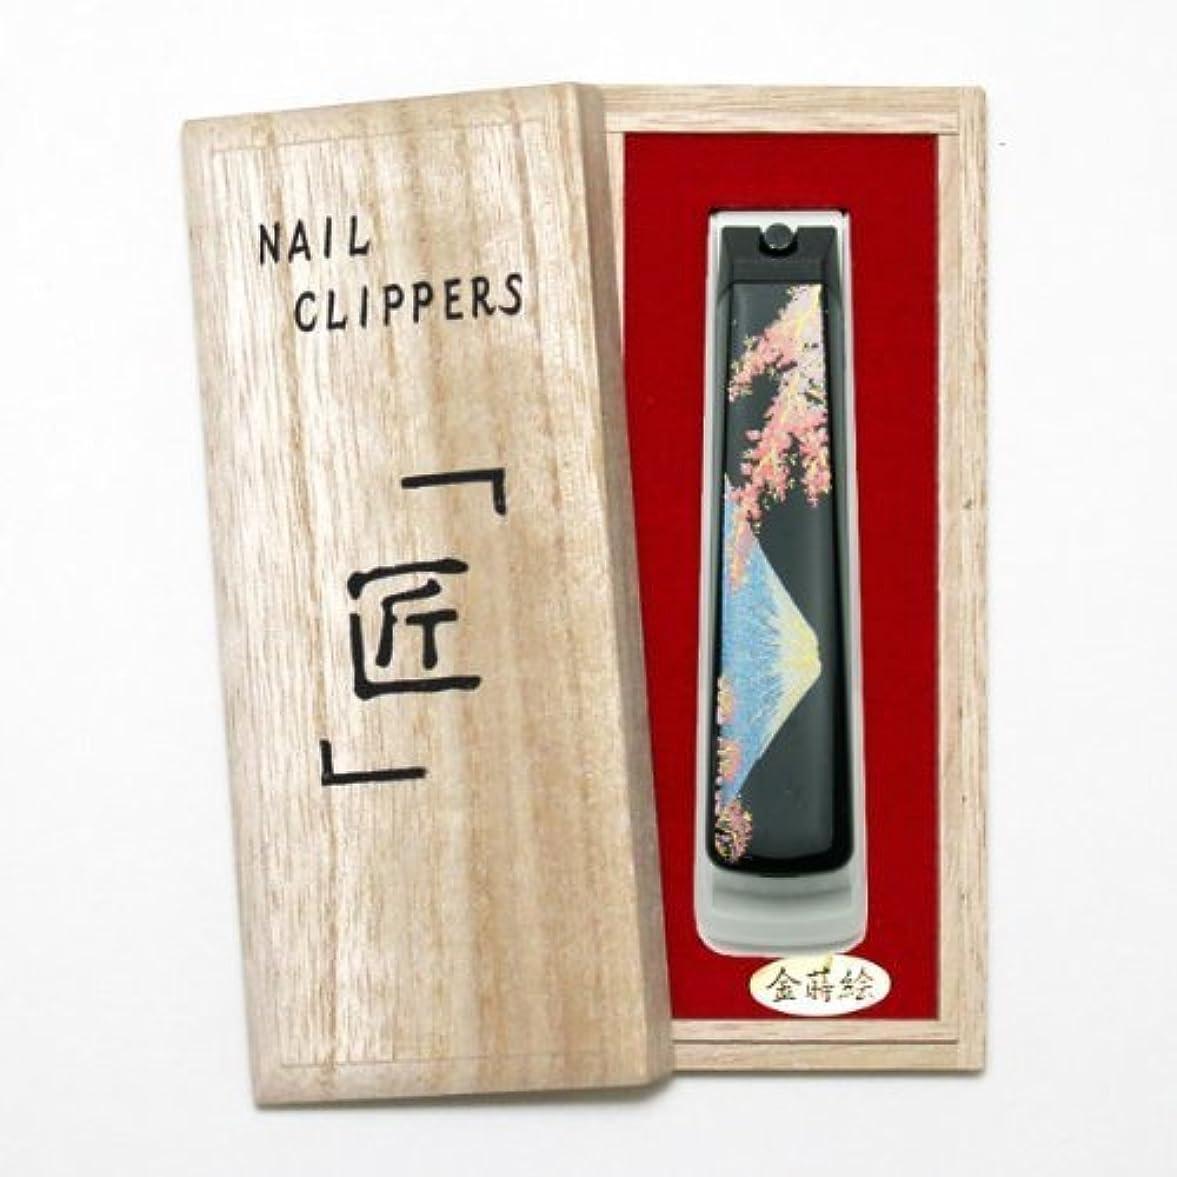 深さペパーミント摂動橋本漆芸 蒔絵爪切り 富士に桜 桐箱